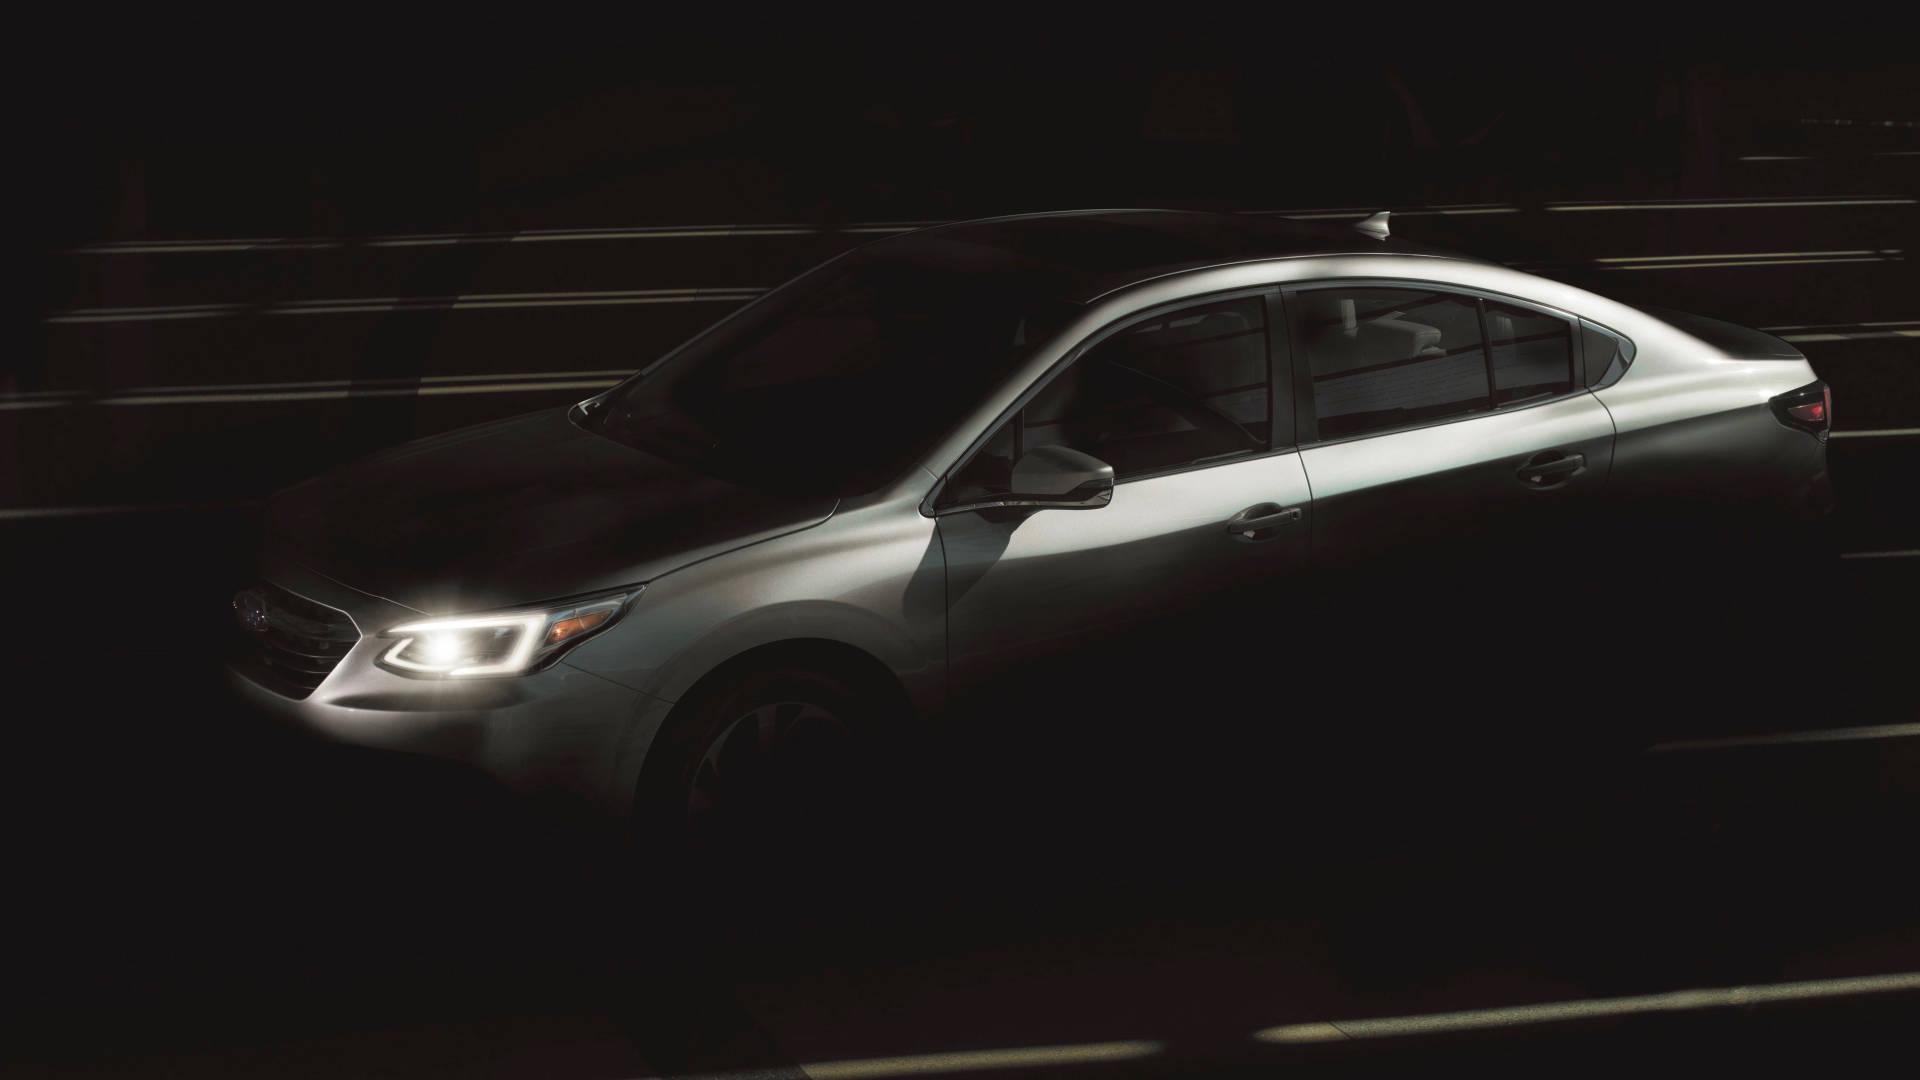 2020 Subaru Liberty exterior tease